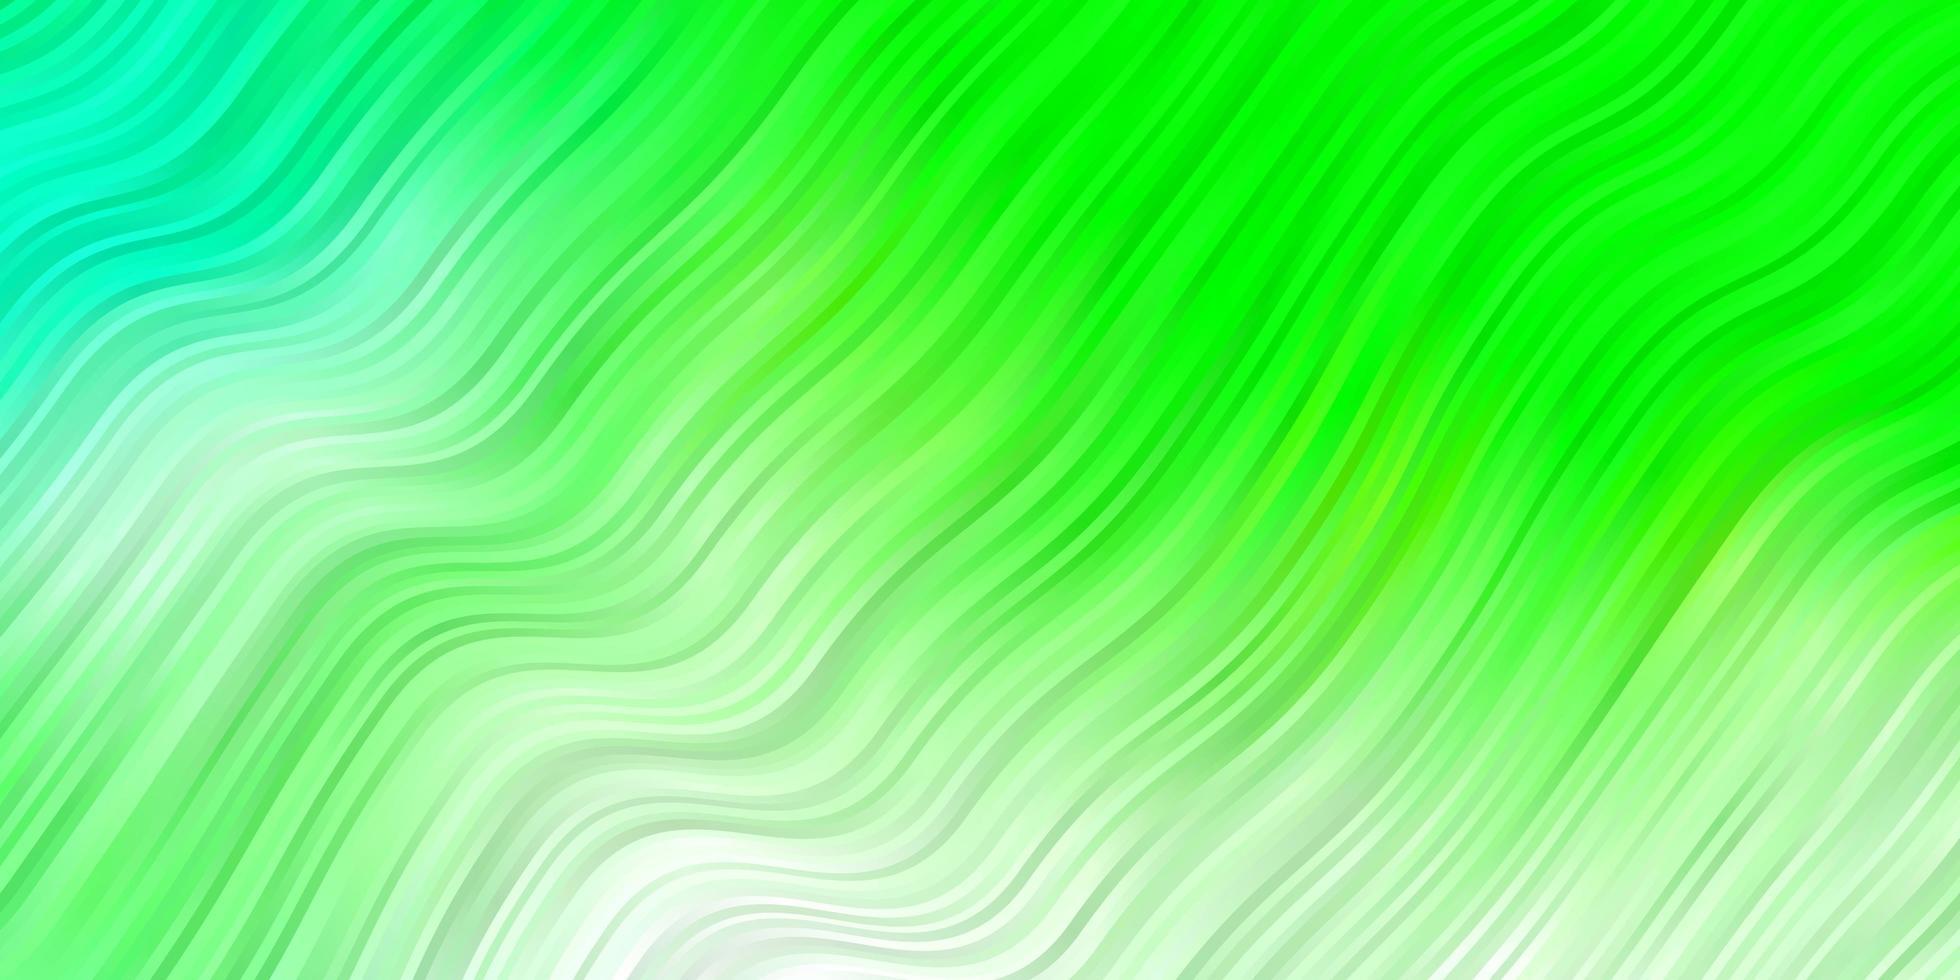 sfondo verde chiaro con linee ironiche. vettore